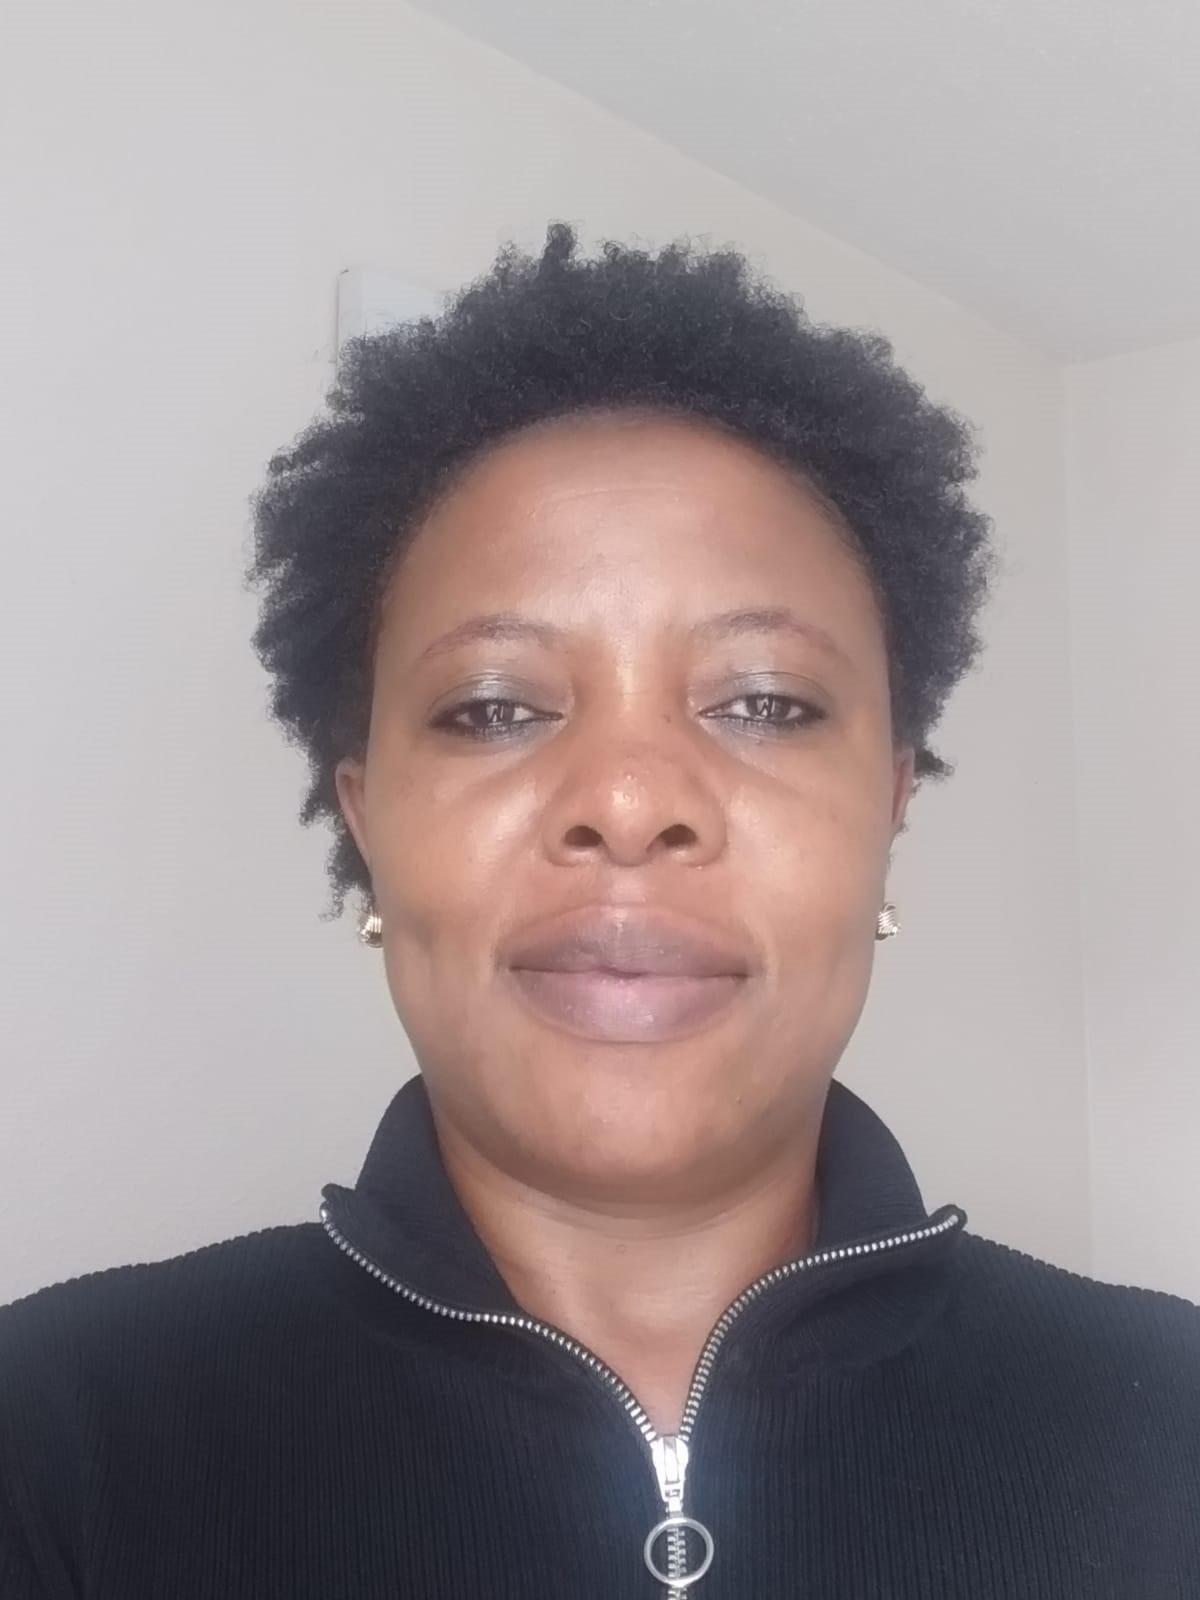 Elinah Mhlanga